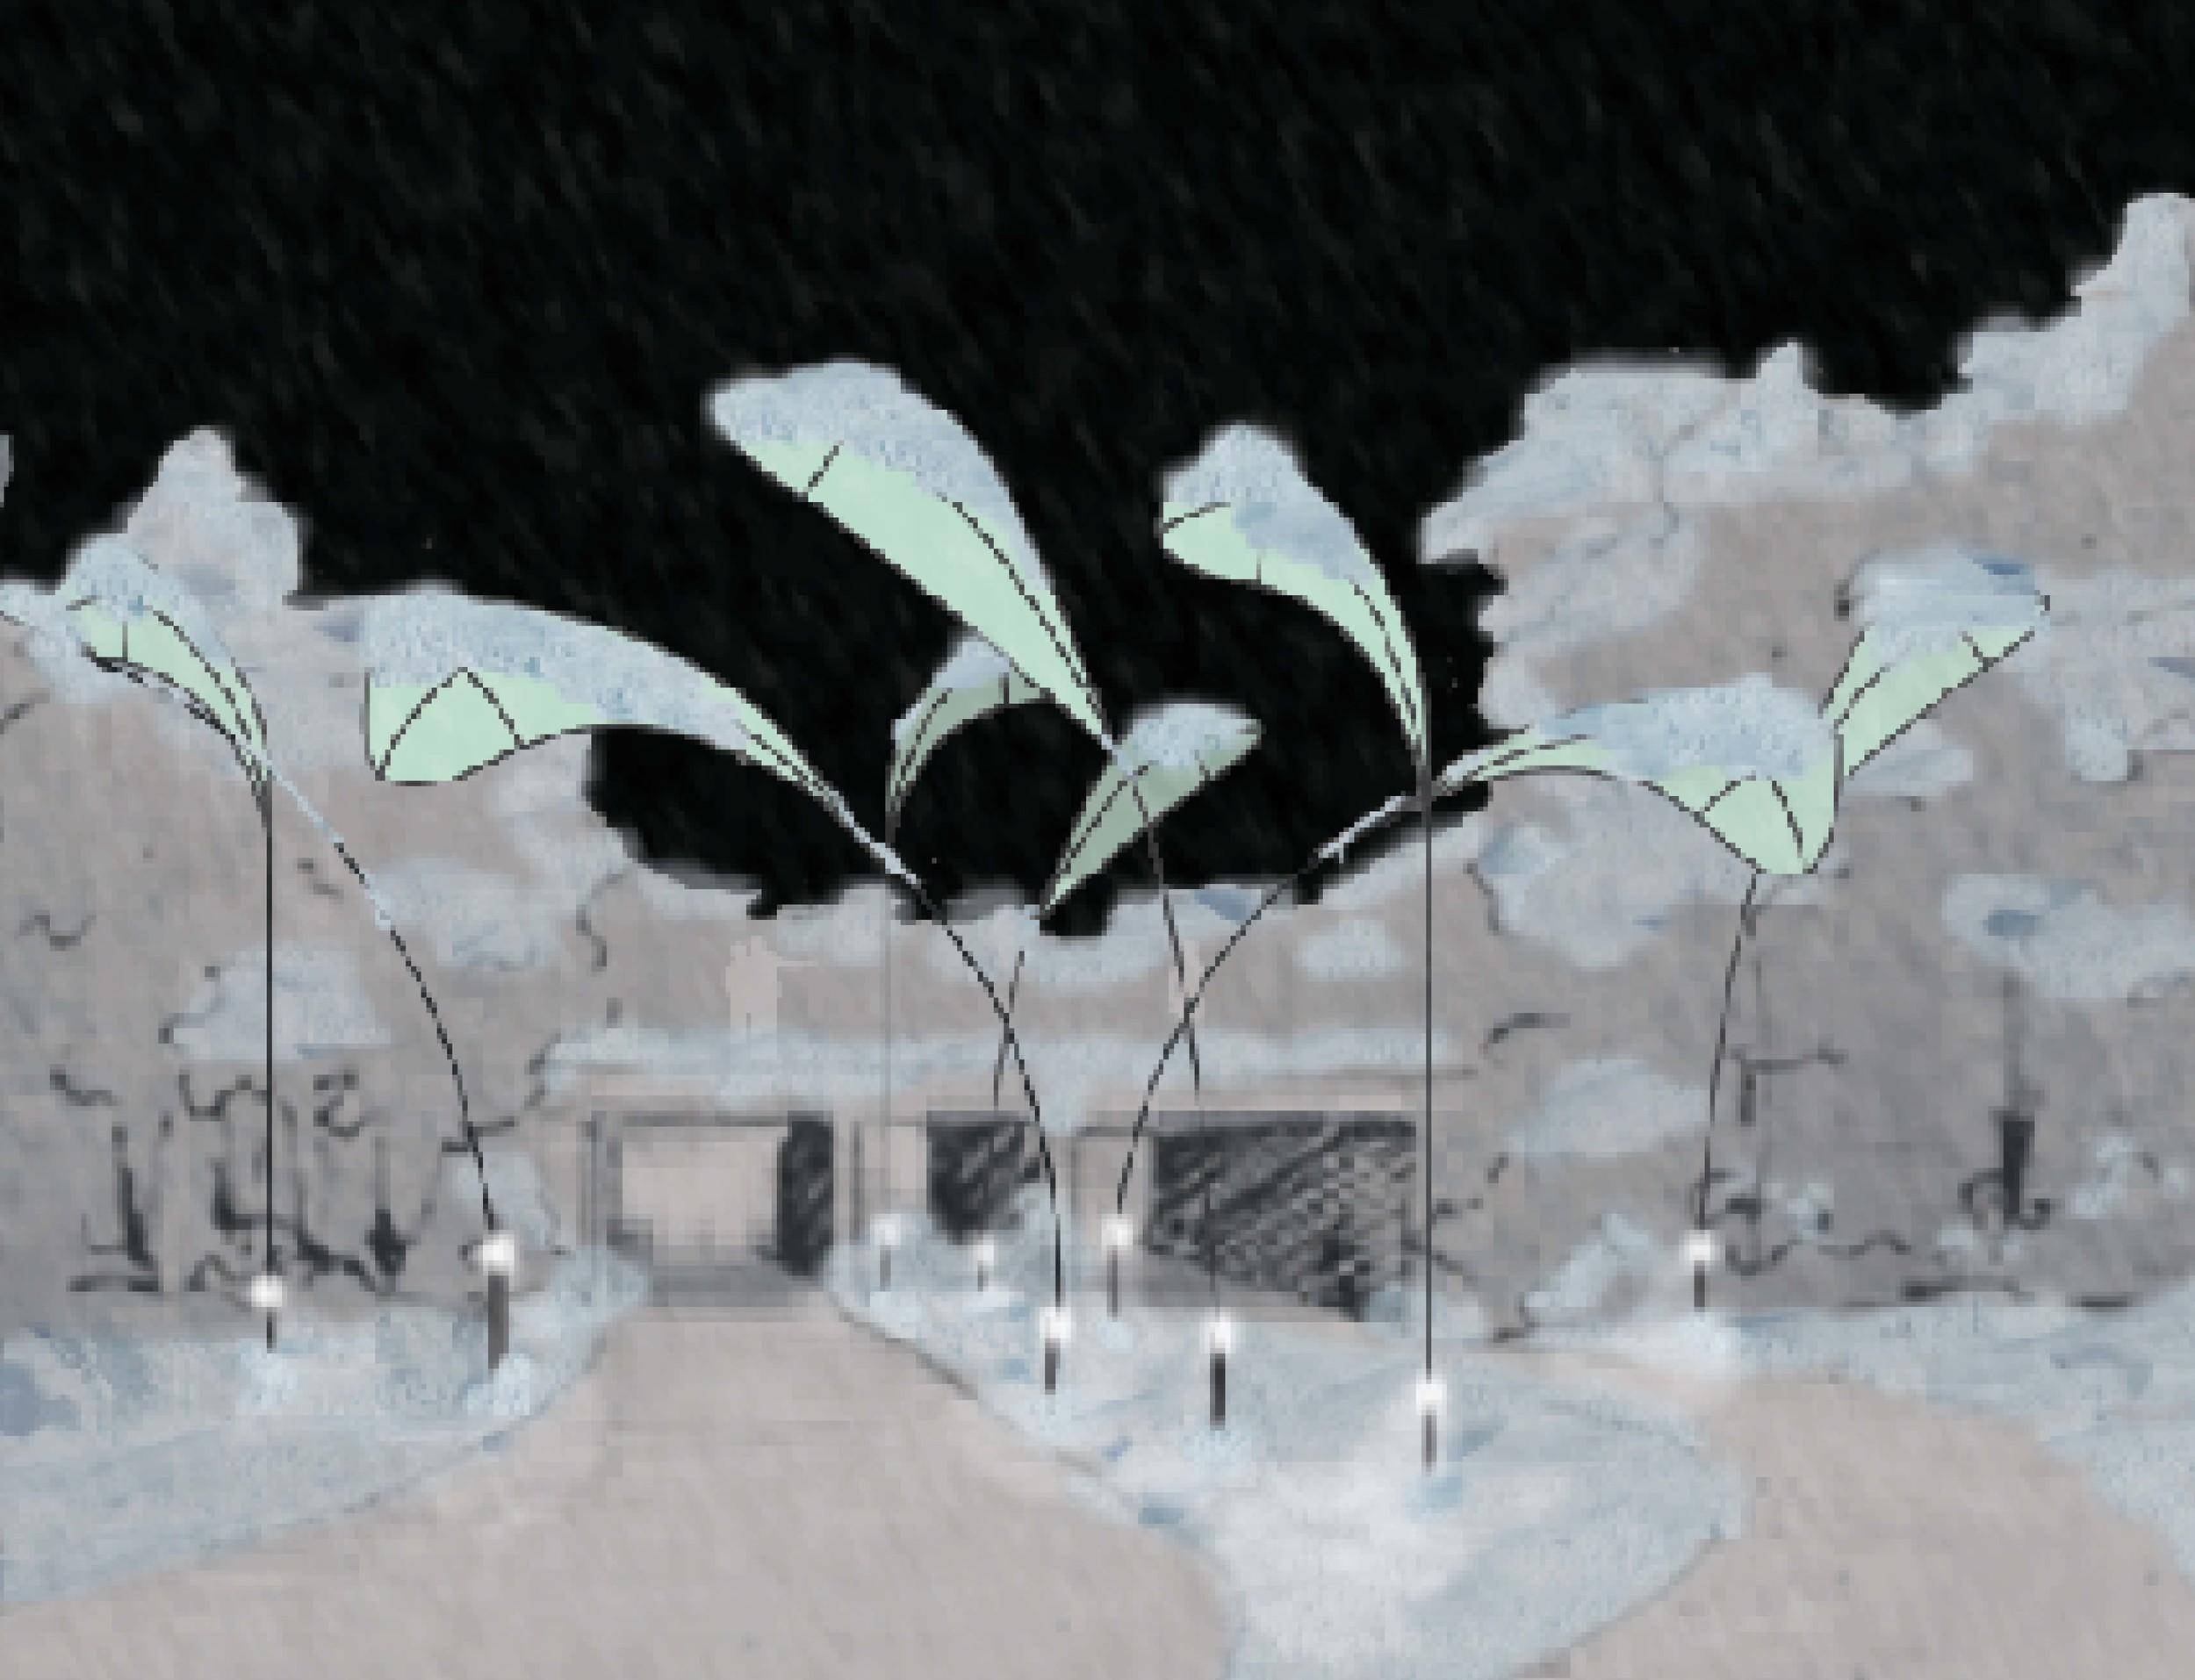 d_winter perspecs.jpg